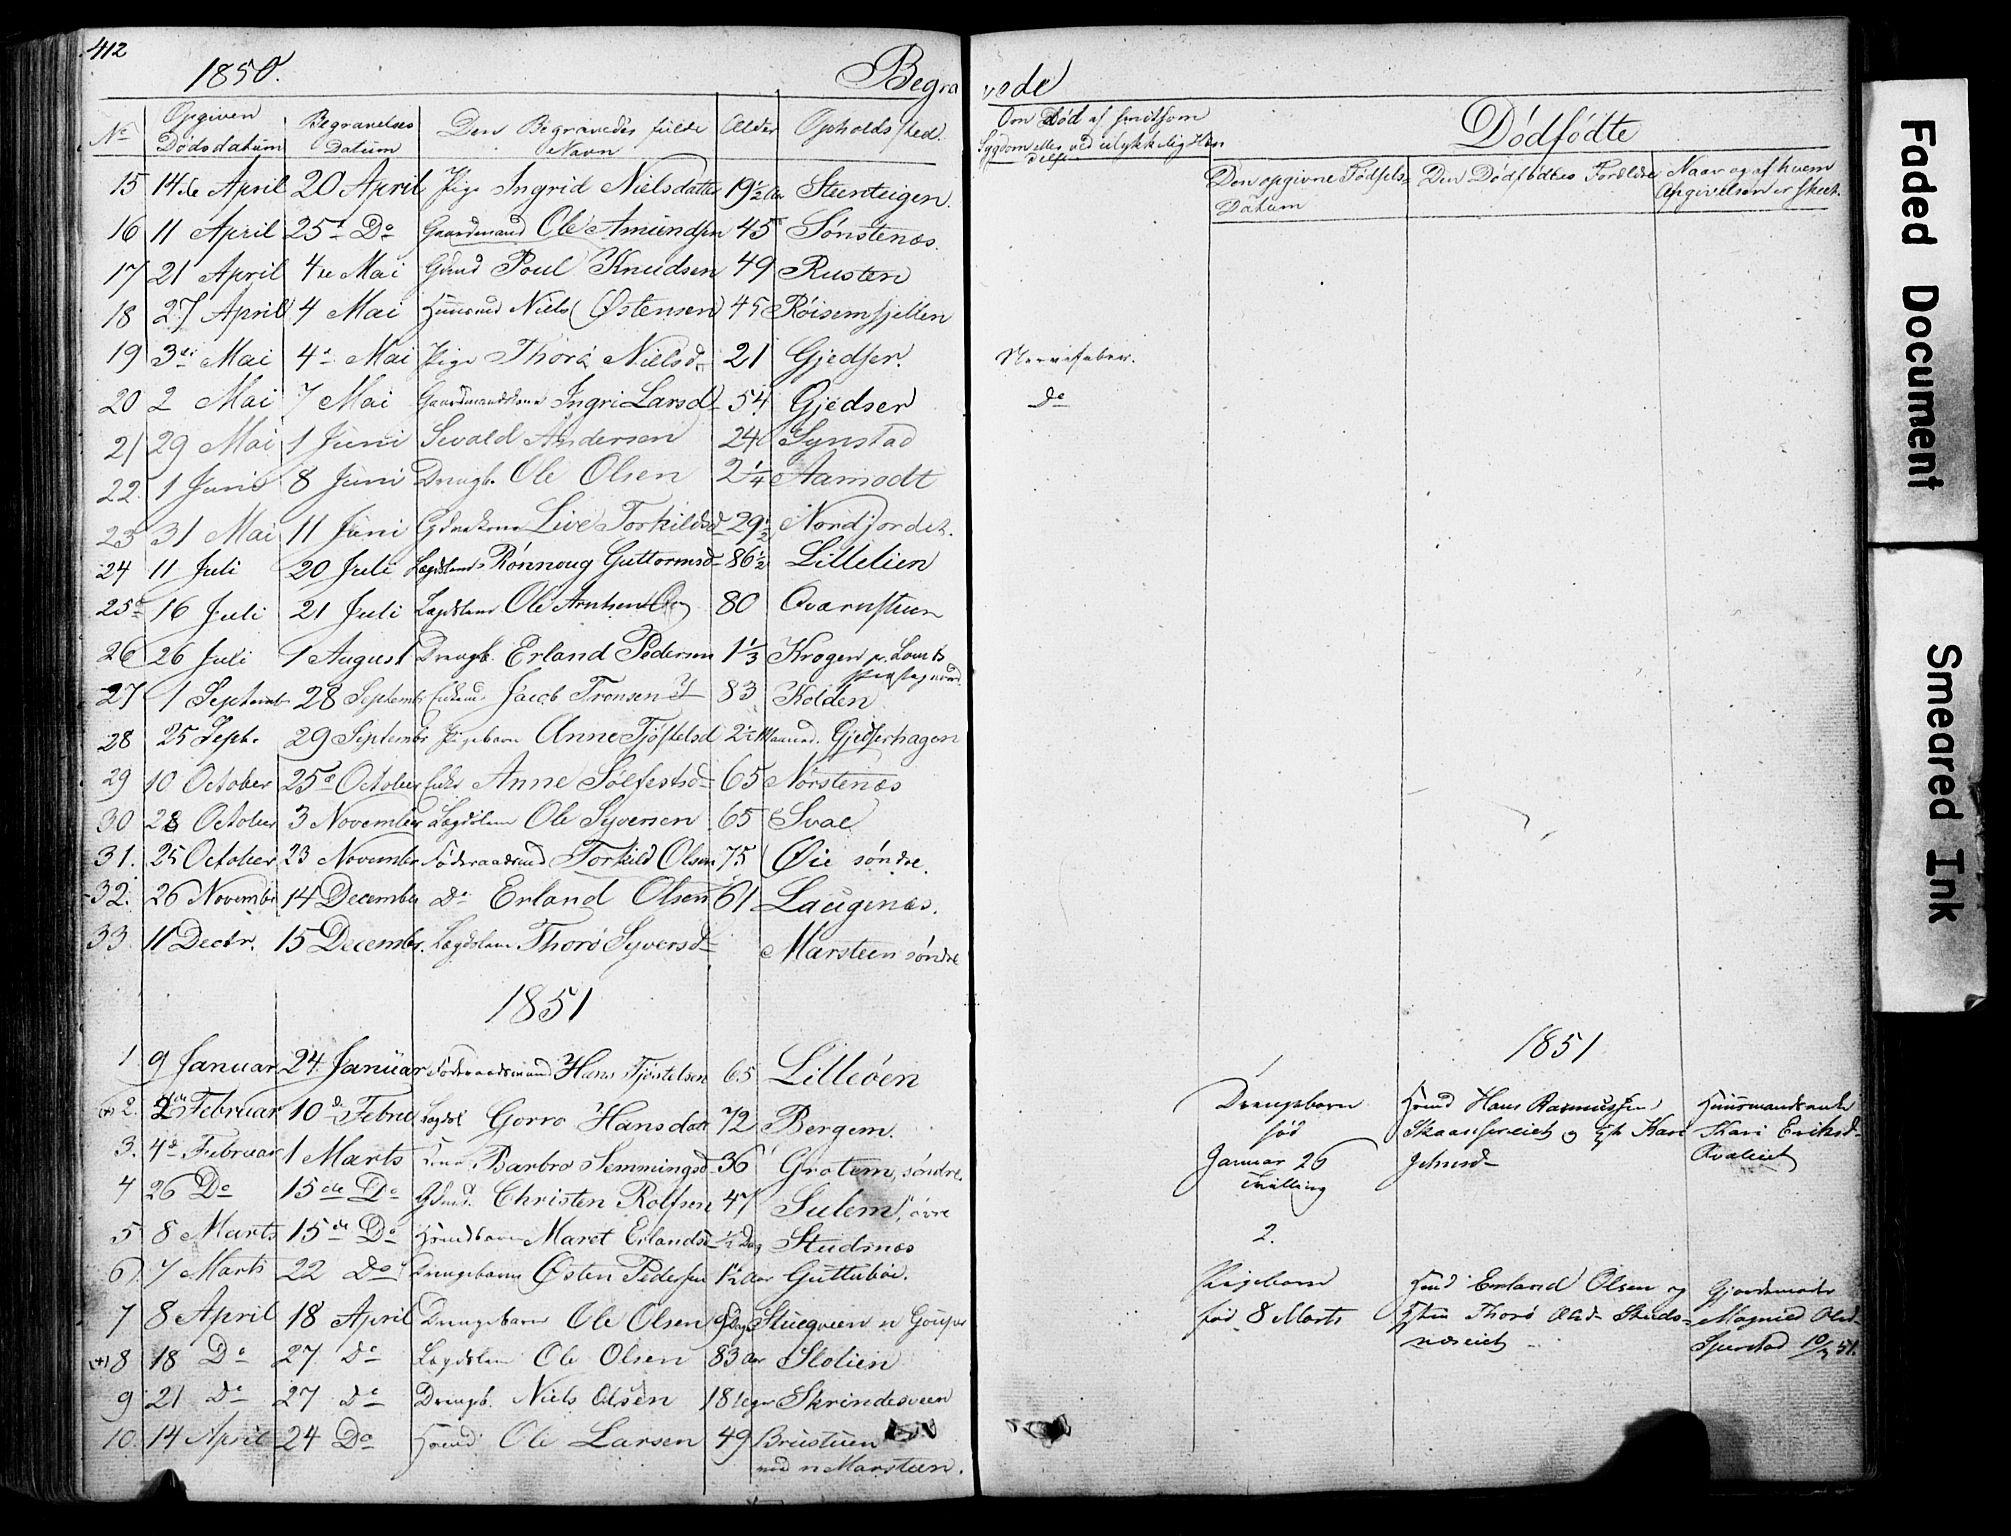 SAH, Lom prestekontor, L/L0012: Klokkerbok nr. 12, 1845-1873, s. 412-413